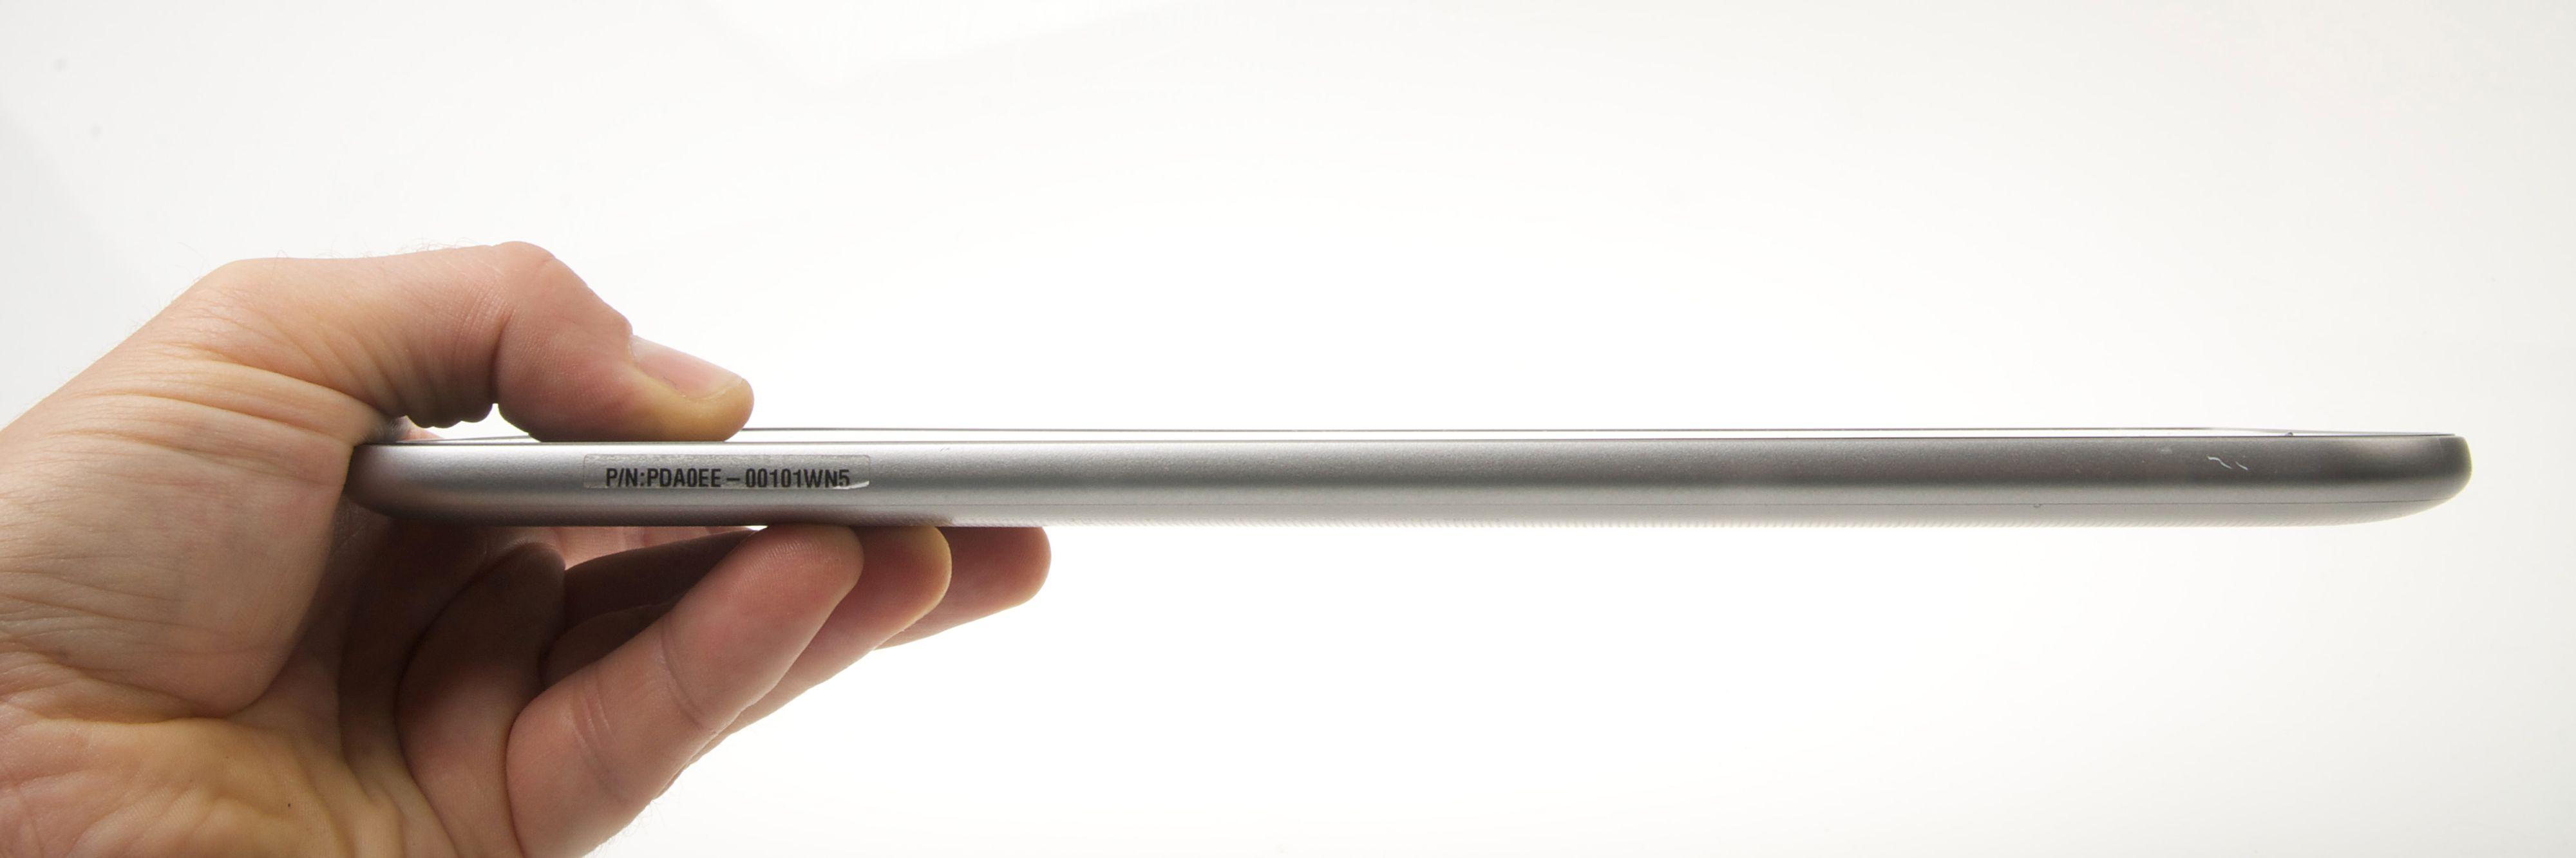 Vi skulle gjerne sett at Toshiba Excite Pro hadde vært noe tynnere. Foto: Kurt Lekanger, Amobil.no